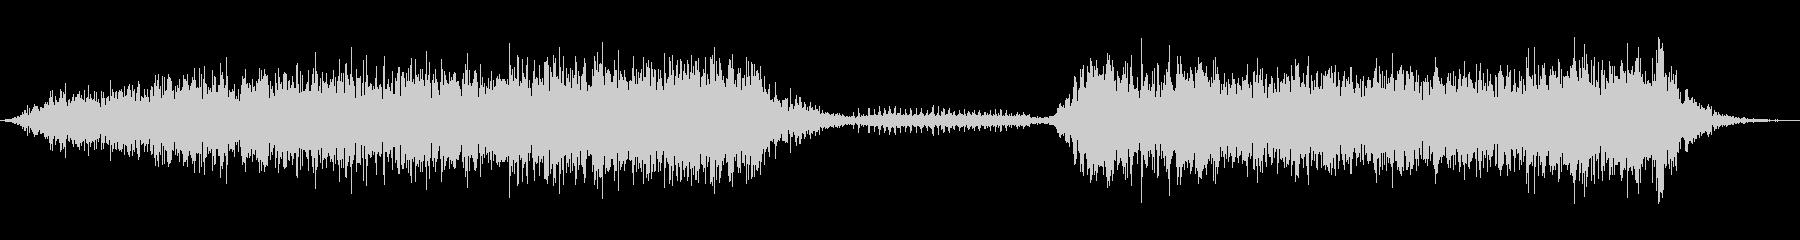 大型のマコウ:INT:2つの呼び出...の未再生の波形